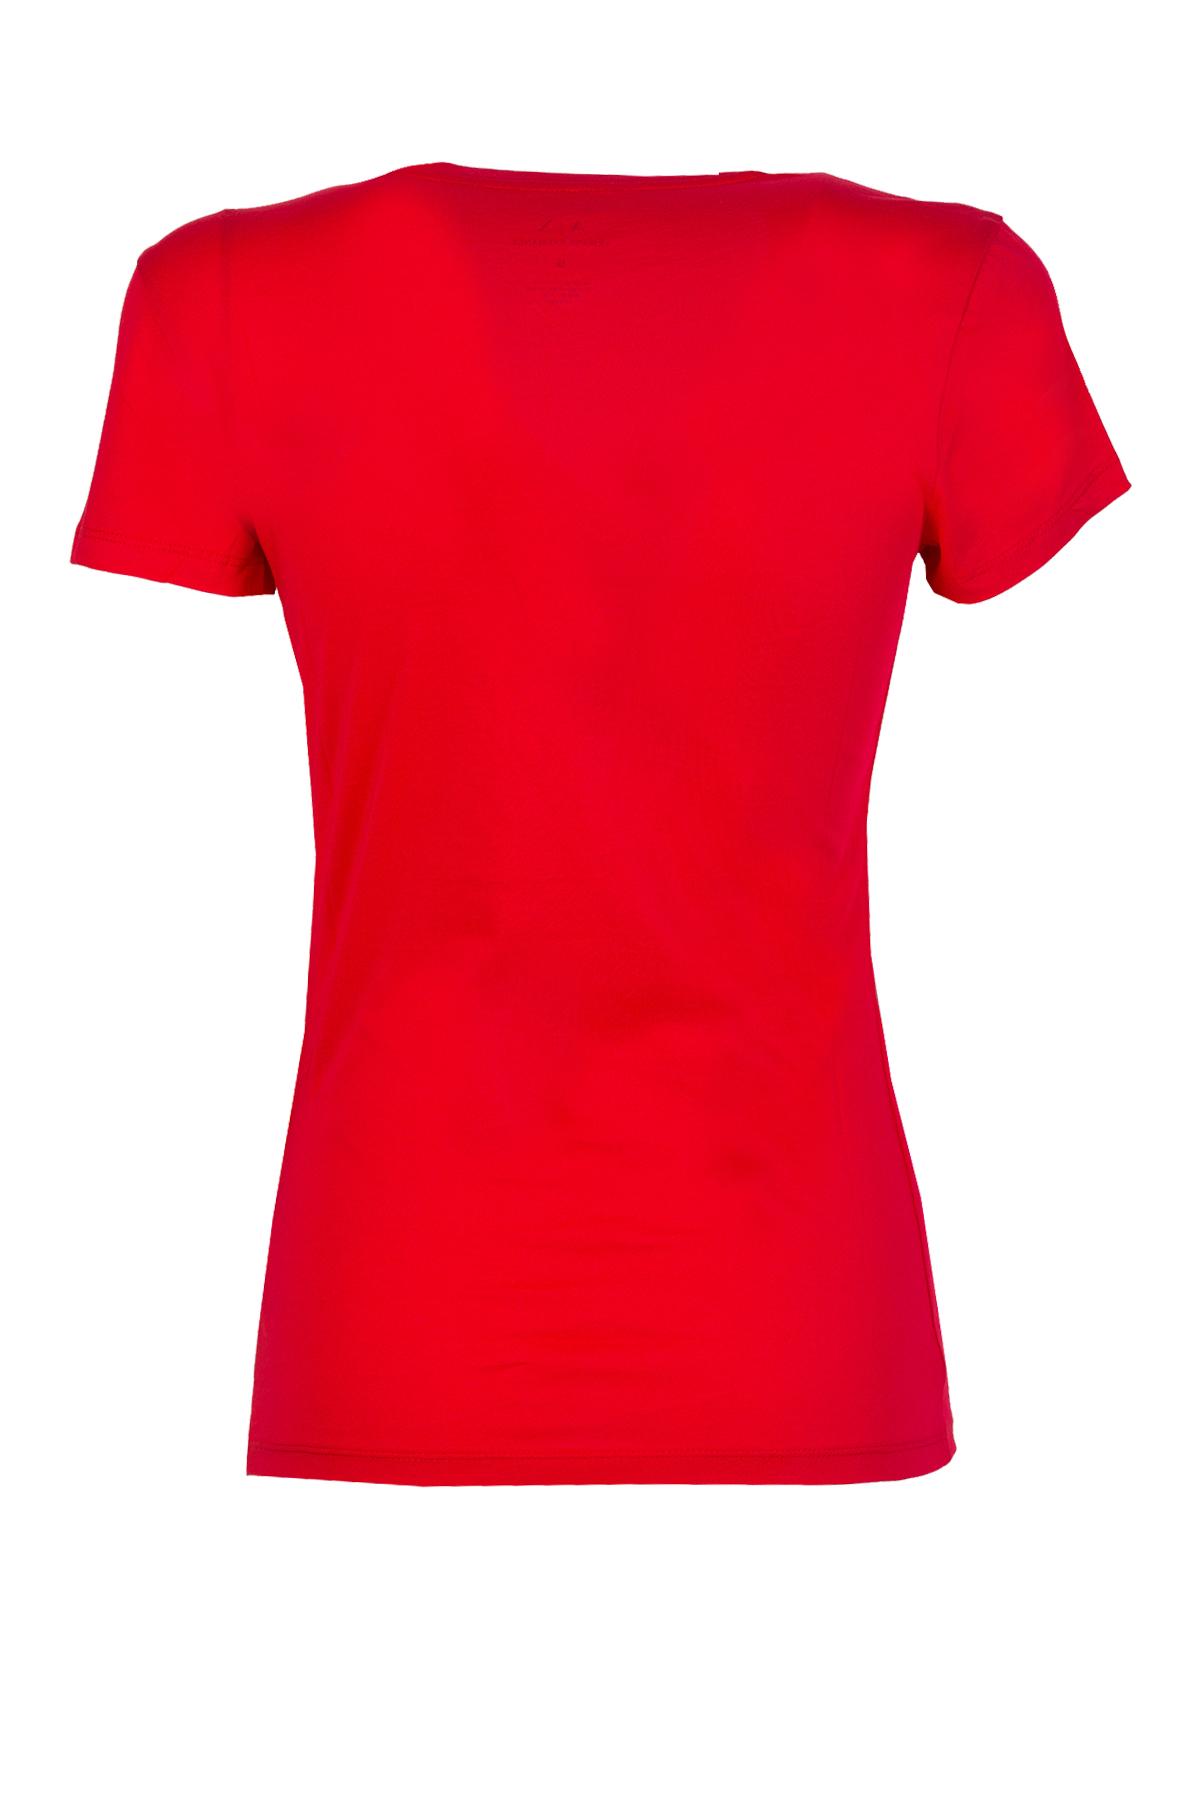 T-SHIRT CON LOGO AX ARMANI EXCHANGE | T-shirt | 3ZYTAJYJA8Z1429LOLLIPOP